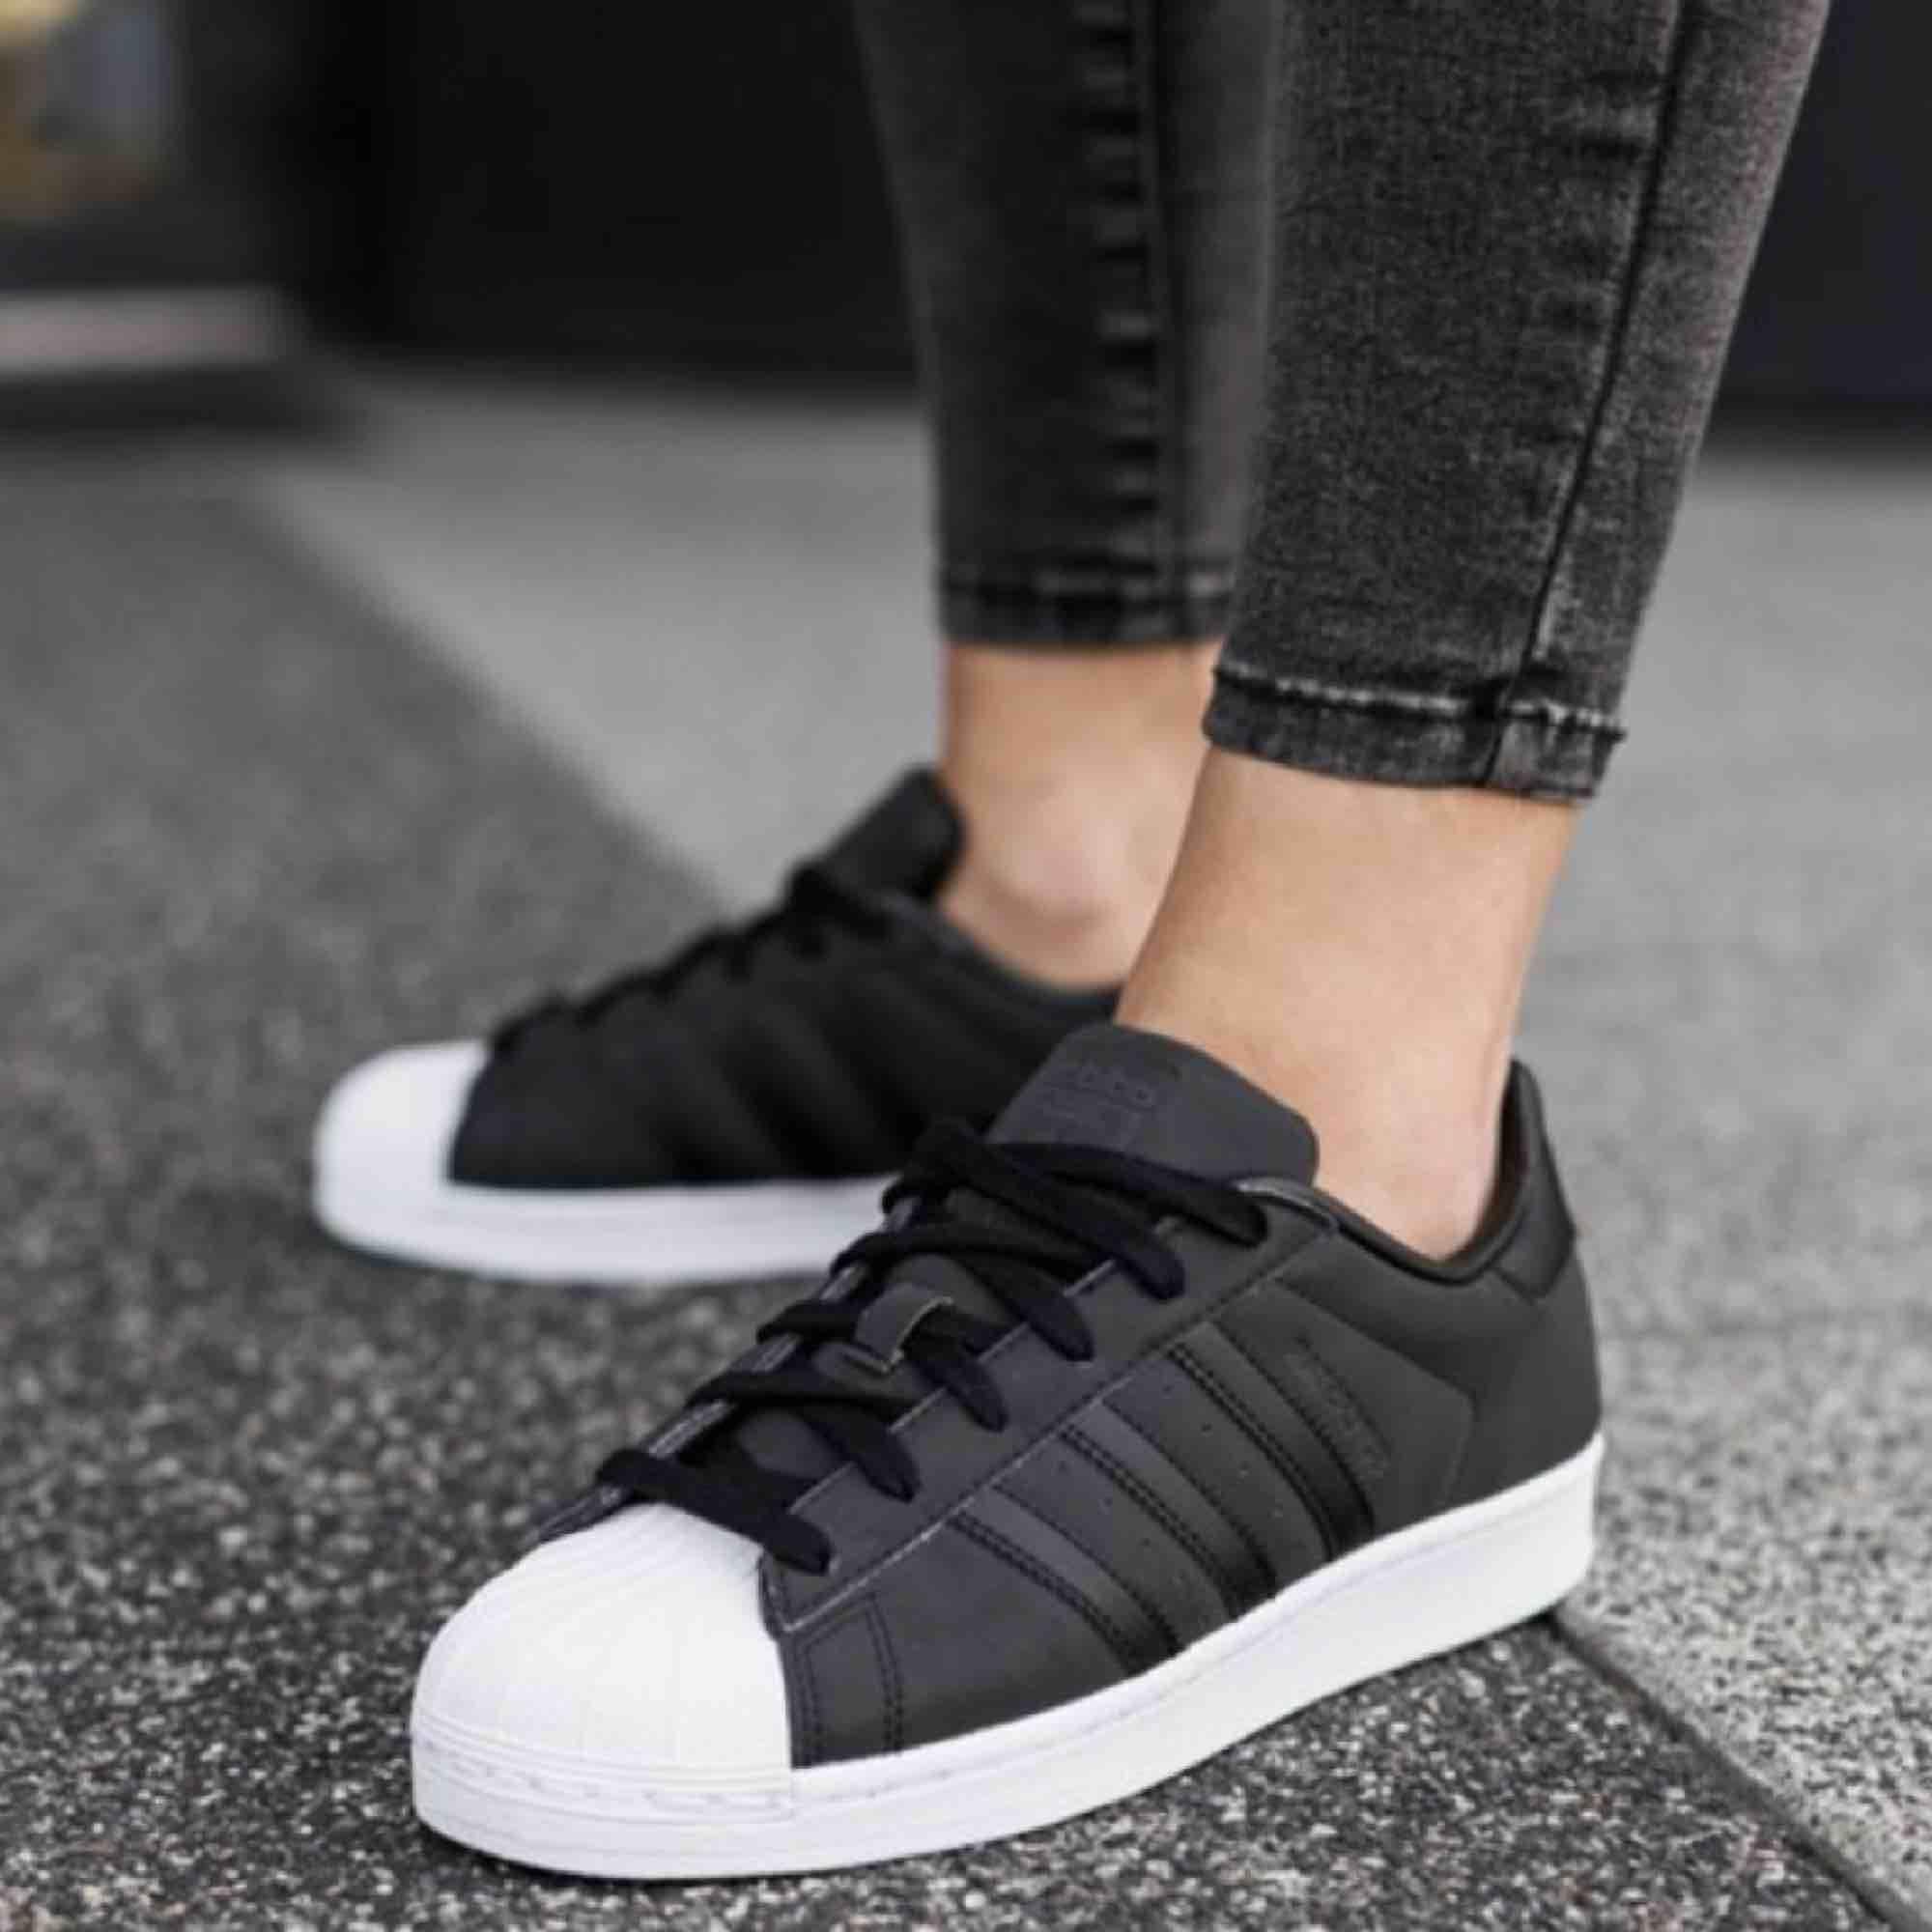 Svarta/gråa Adidas Superstar storlek 37 1/3, använt men bra skick. Obs lådan ingår ej.  Frakt kostar 63kr extra, postar med videobevis/bildbevis. Jag garanterar en snabb pålitlig affär!✨ ✖️Fraktar endast✖️. Skor.